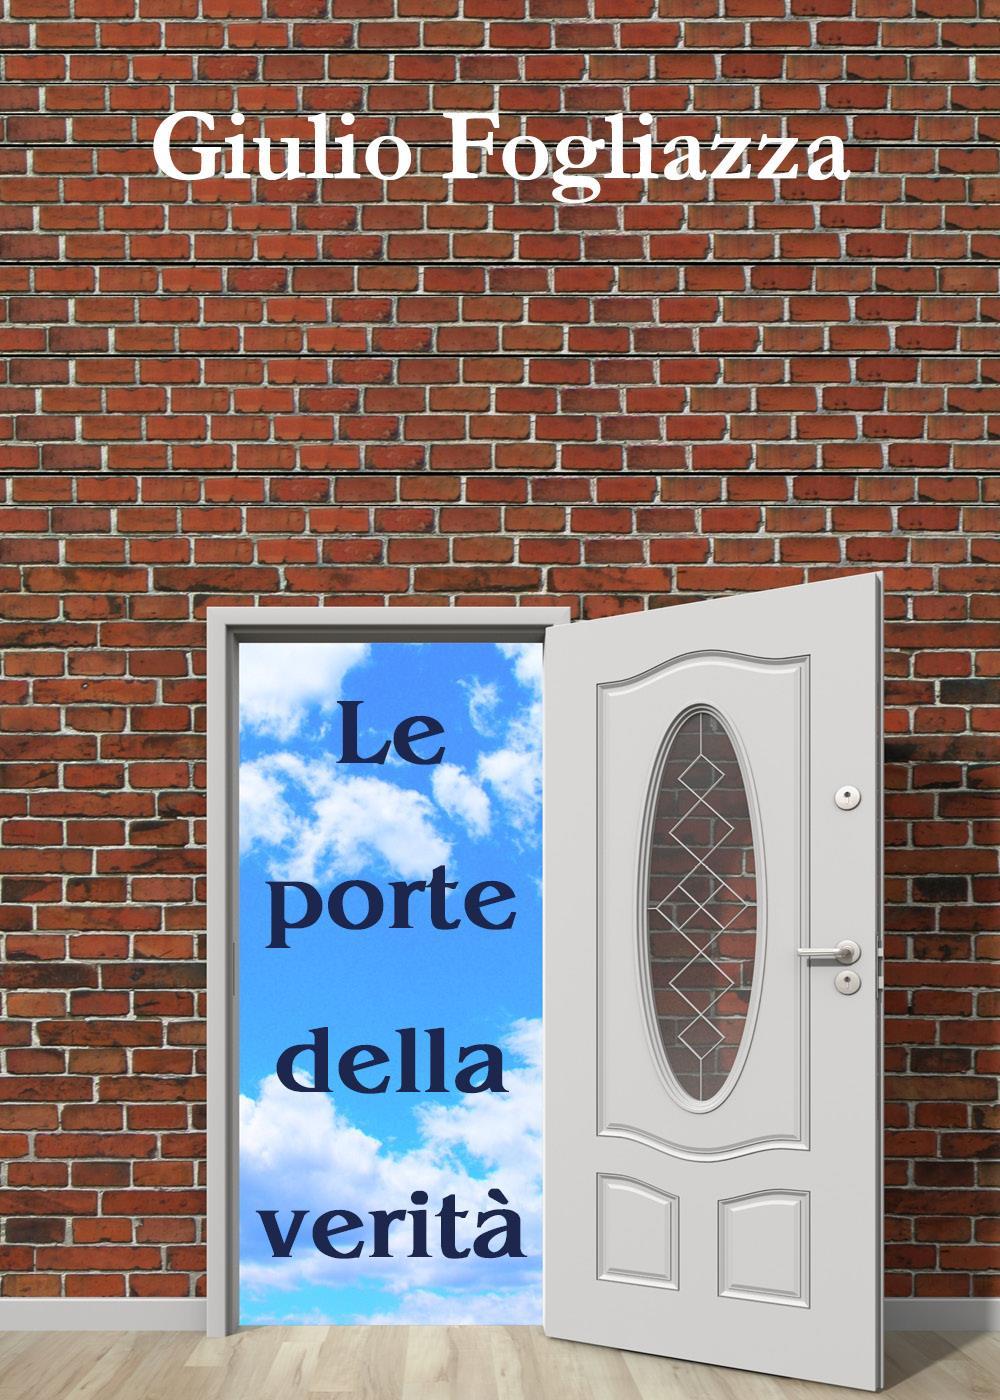 Le porte della verità